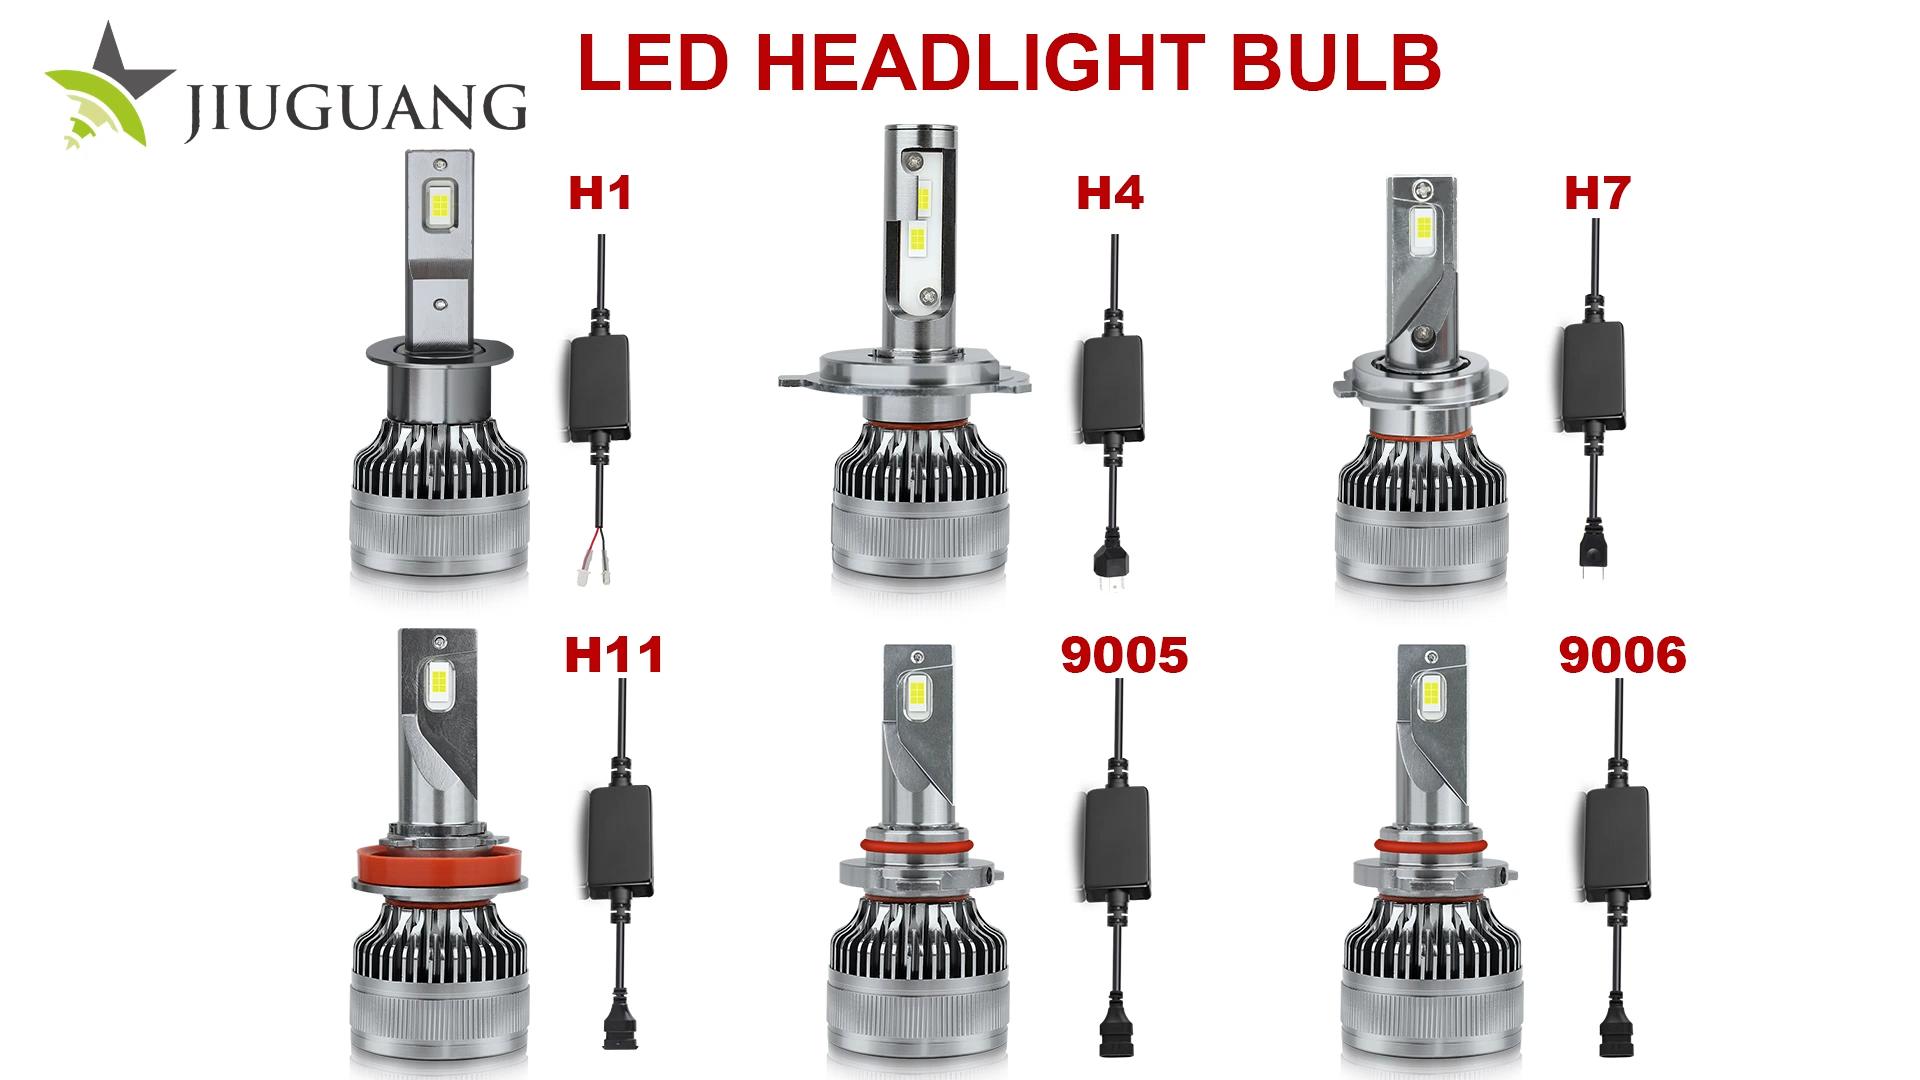 Beste 16000 Lumen 12V 24V Starke Mini Kleine 9005 H1 9012 Faro LED Kopf Licht Fan Kühlung Decoder f16 H11 H7 H4 Auto Led Scheinwerfer